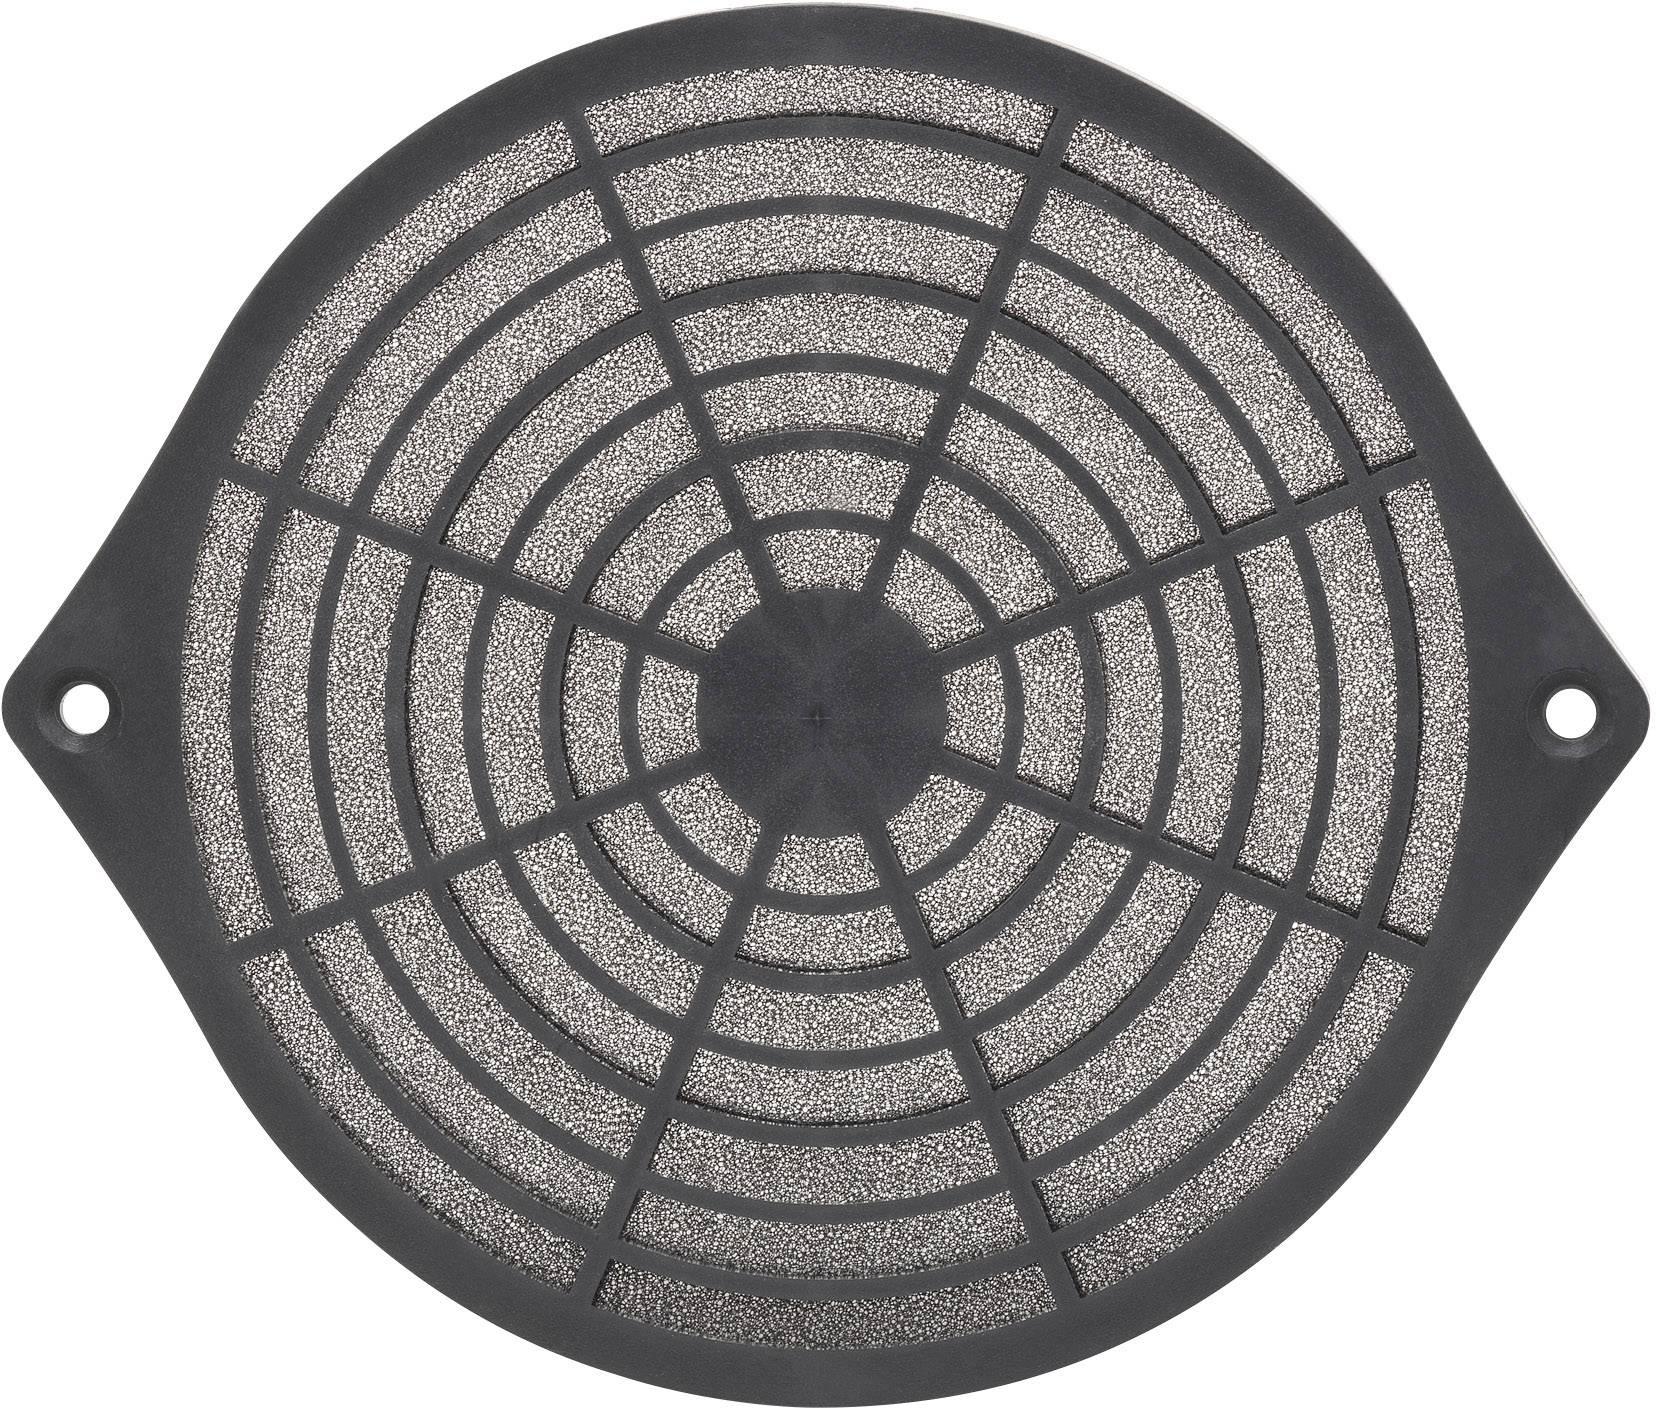 Vetracia mriežka s filtračnou vložkou PROFAN Technology;1408563, (š x v x h) 154.4 x 180.3 x 8.2 mm, 1 ks, umelá hmota